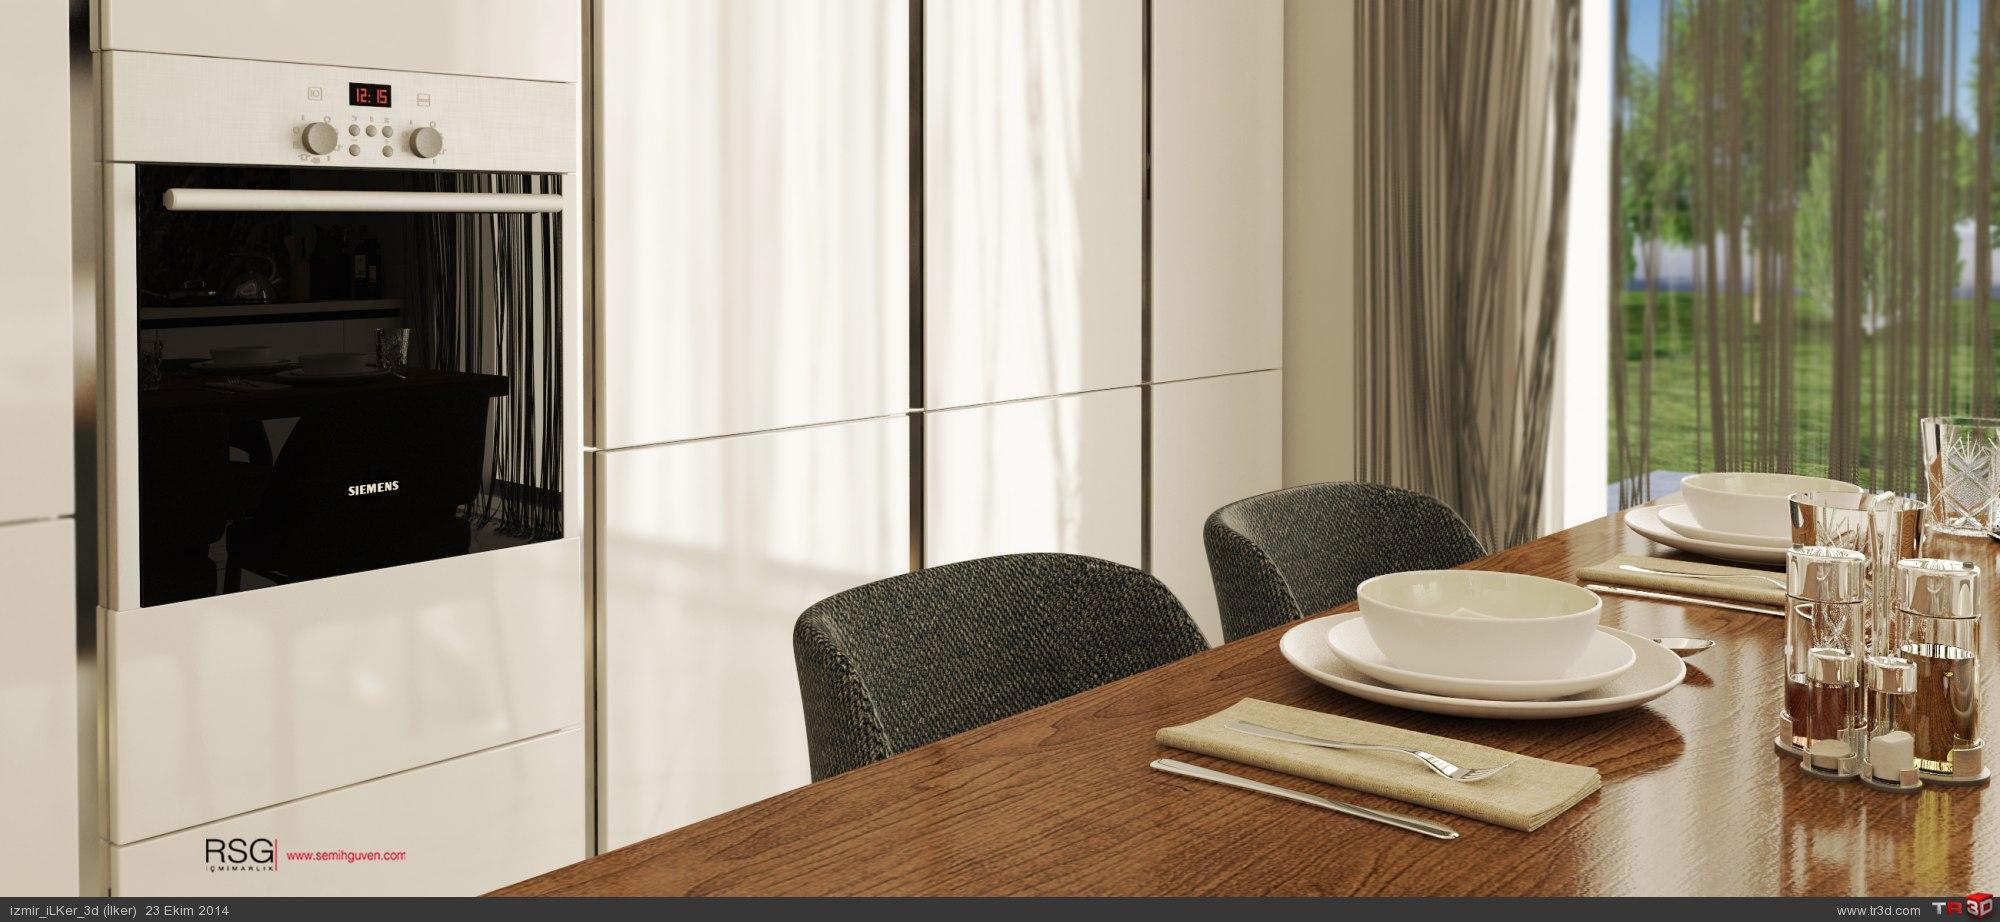 Mutfak & Yatak Odası & Banyo 2